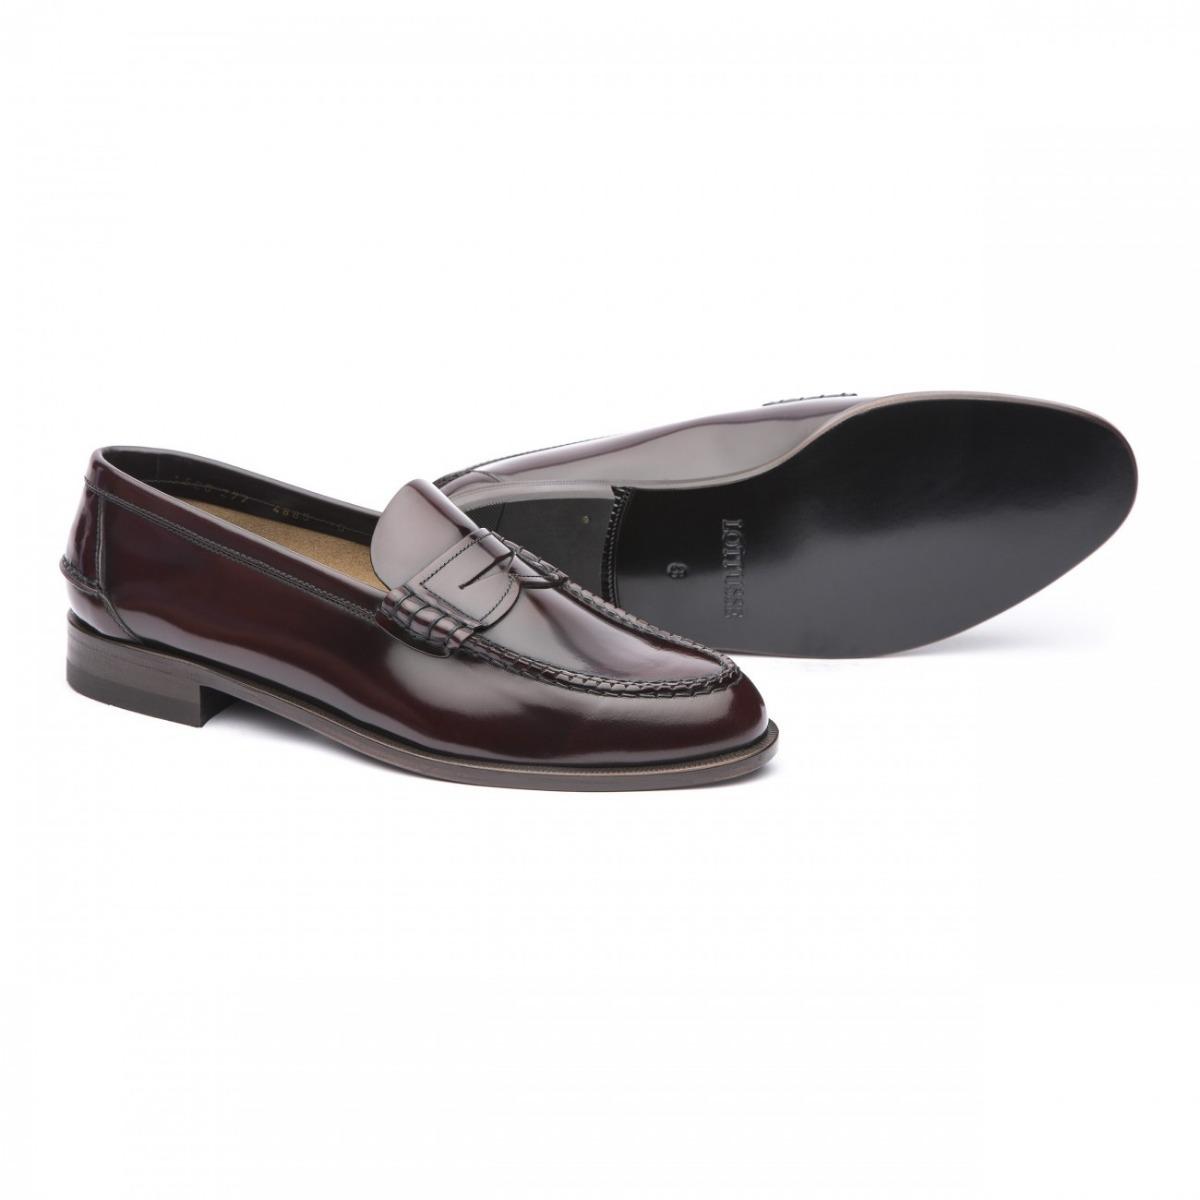 Hechos 00 9 Mano Zapatos 200 A Hombre Nuevos Lottusse Importados qxtOwv7